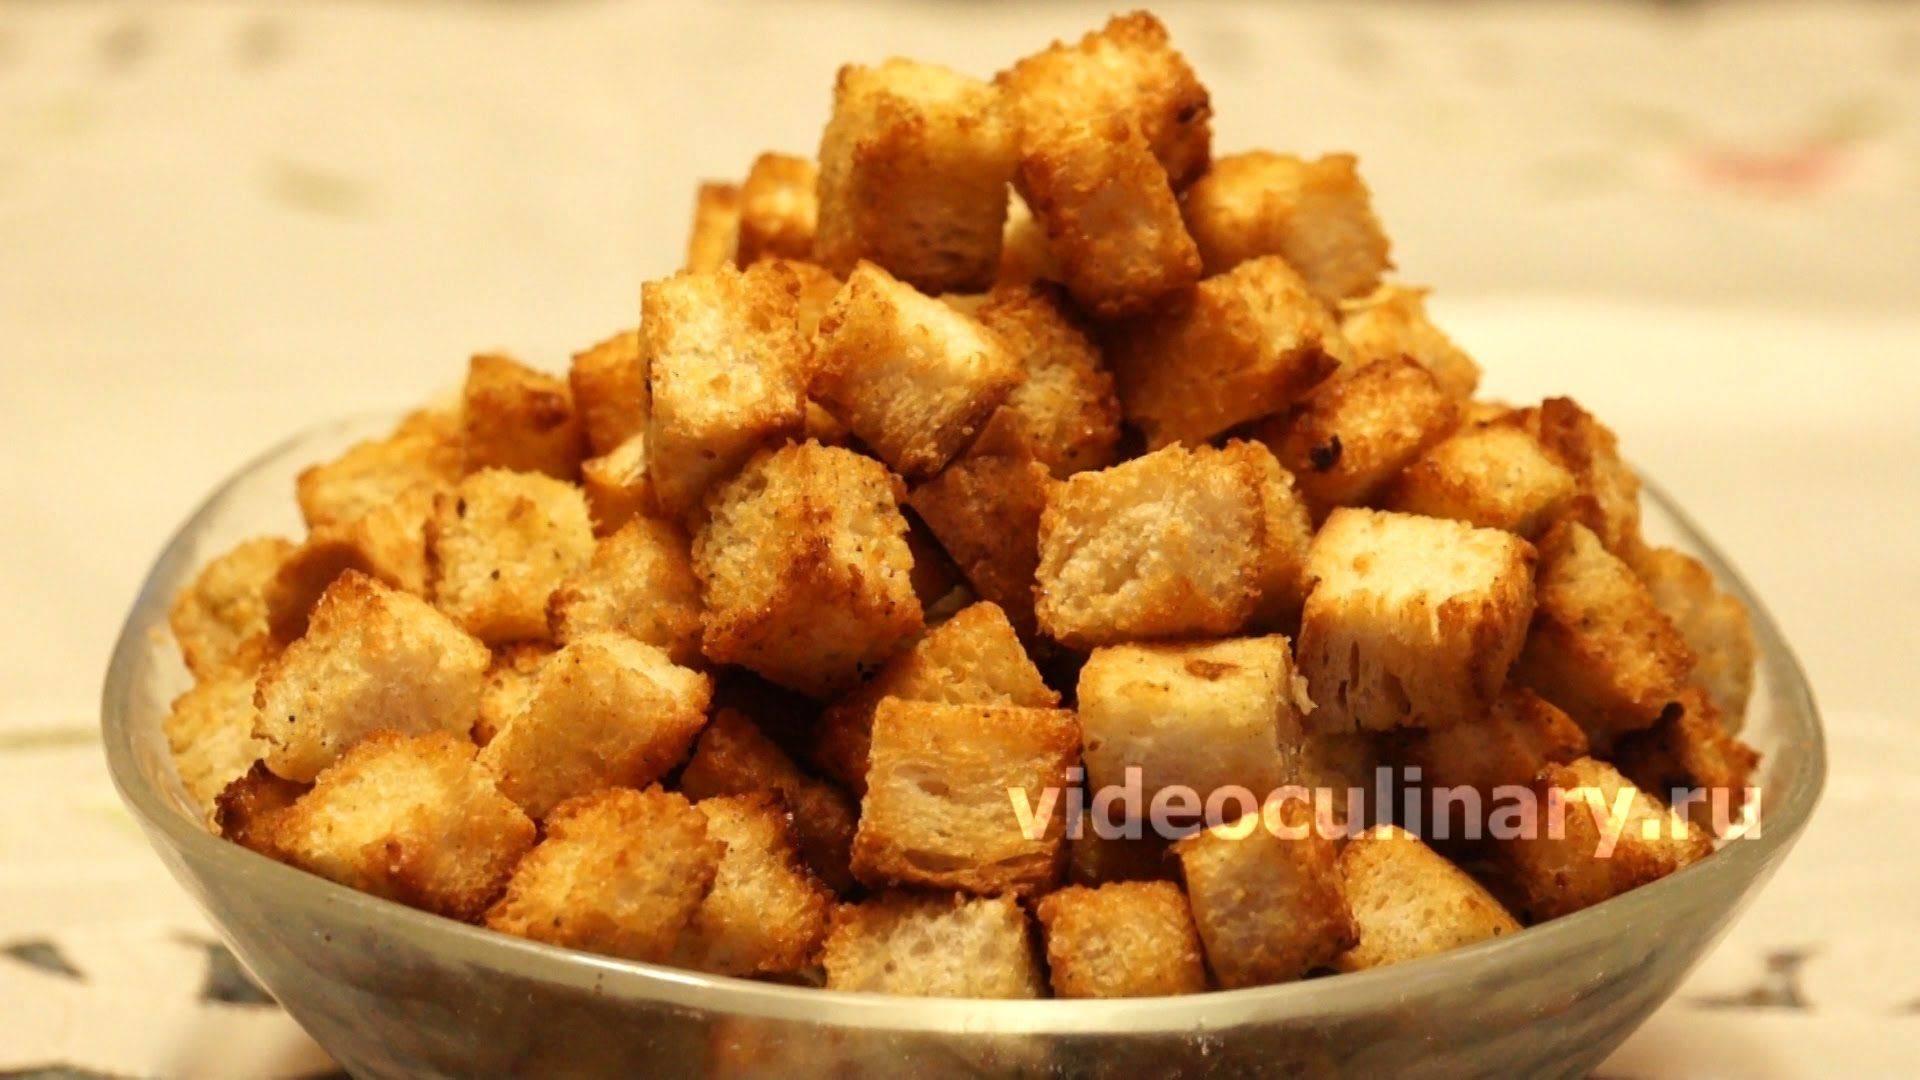 Кексы из кабачков: пошаговые рецепты с фото для легкого приготовления